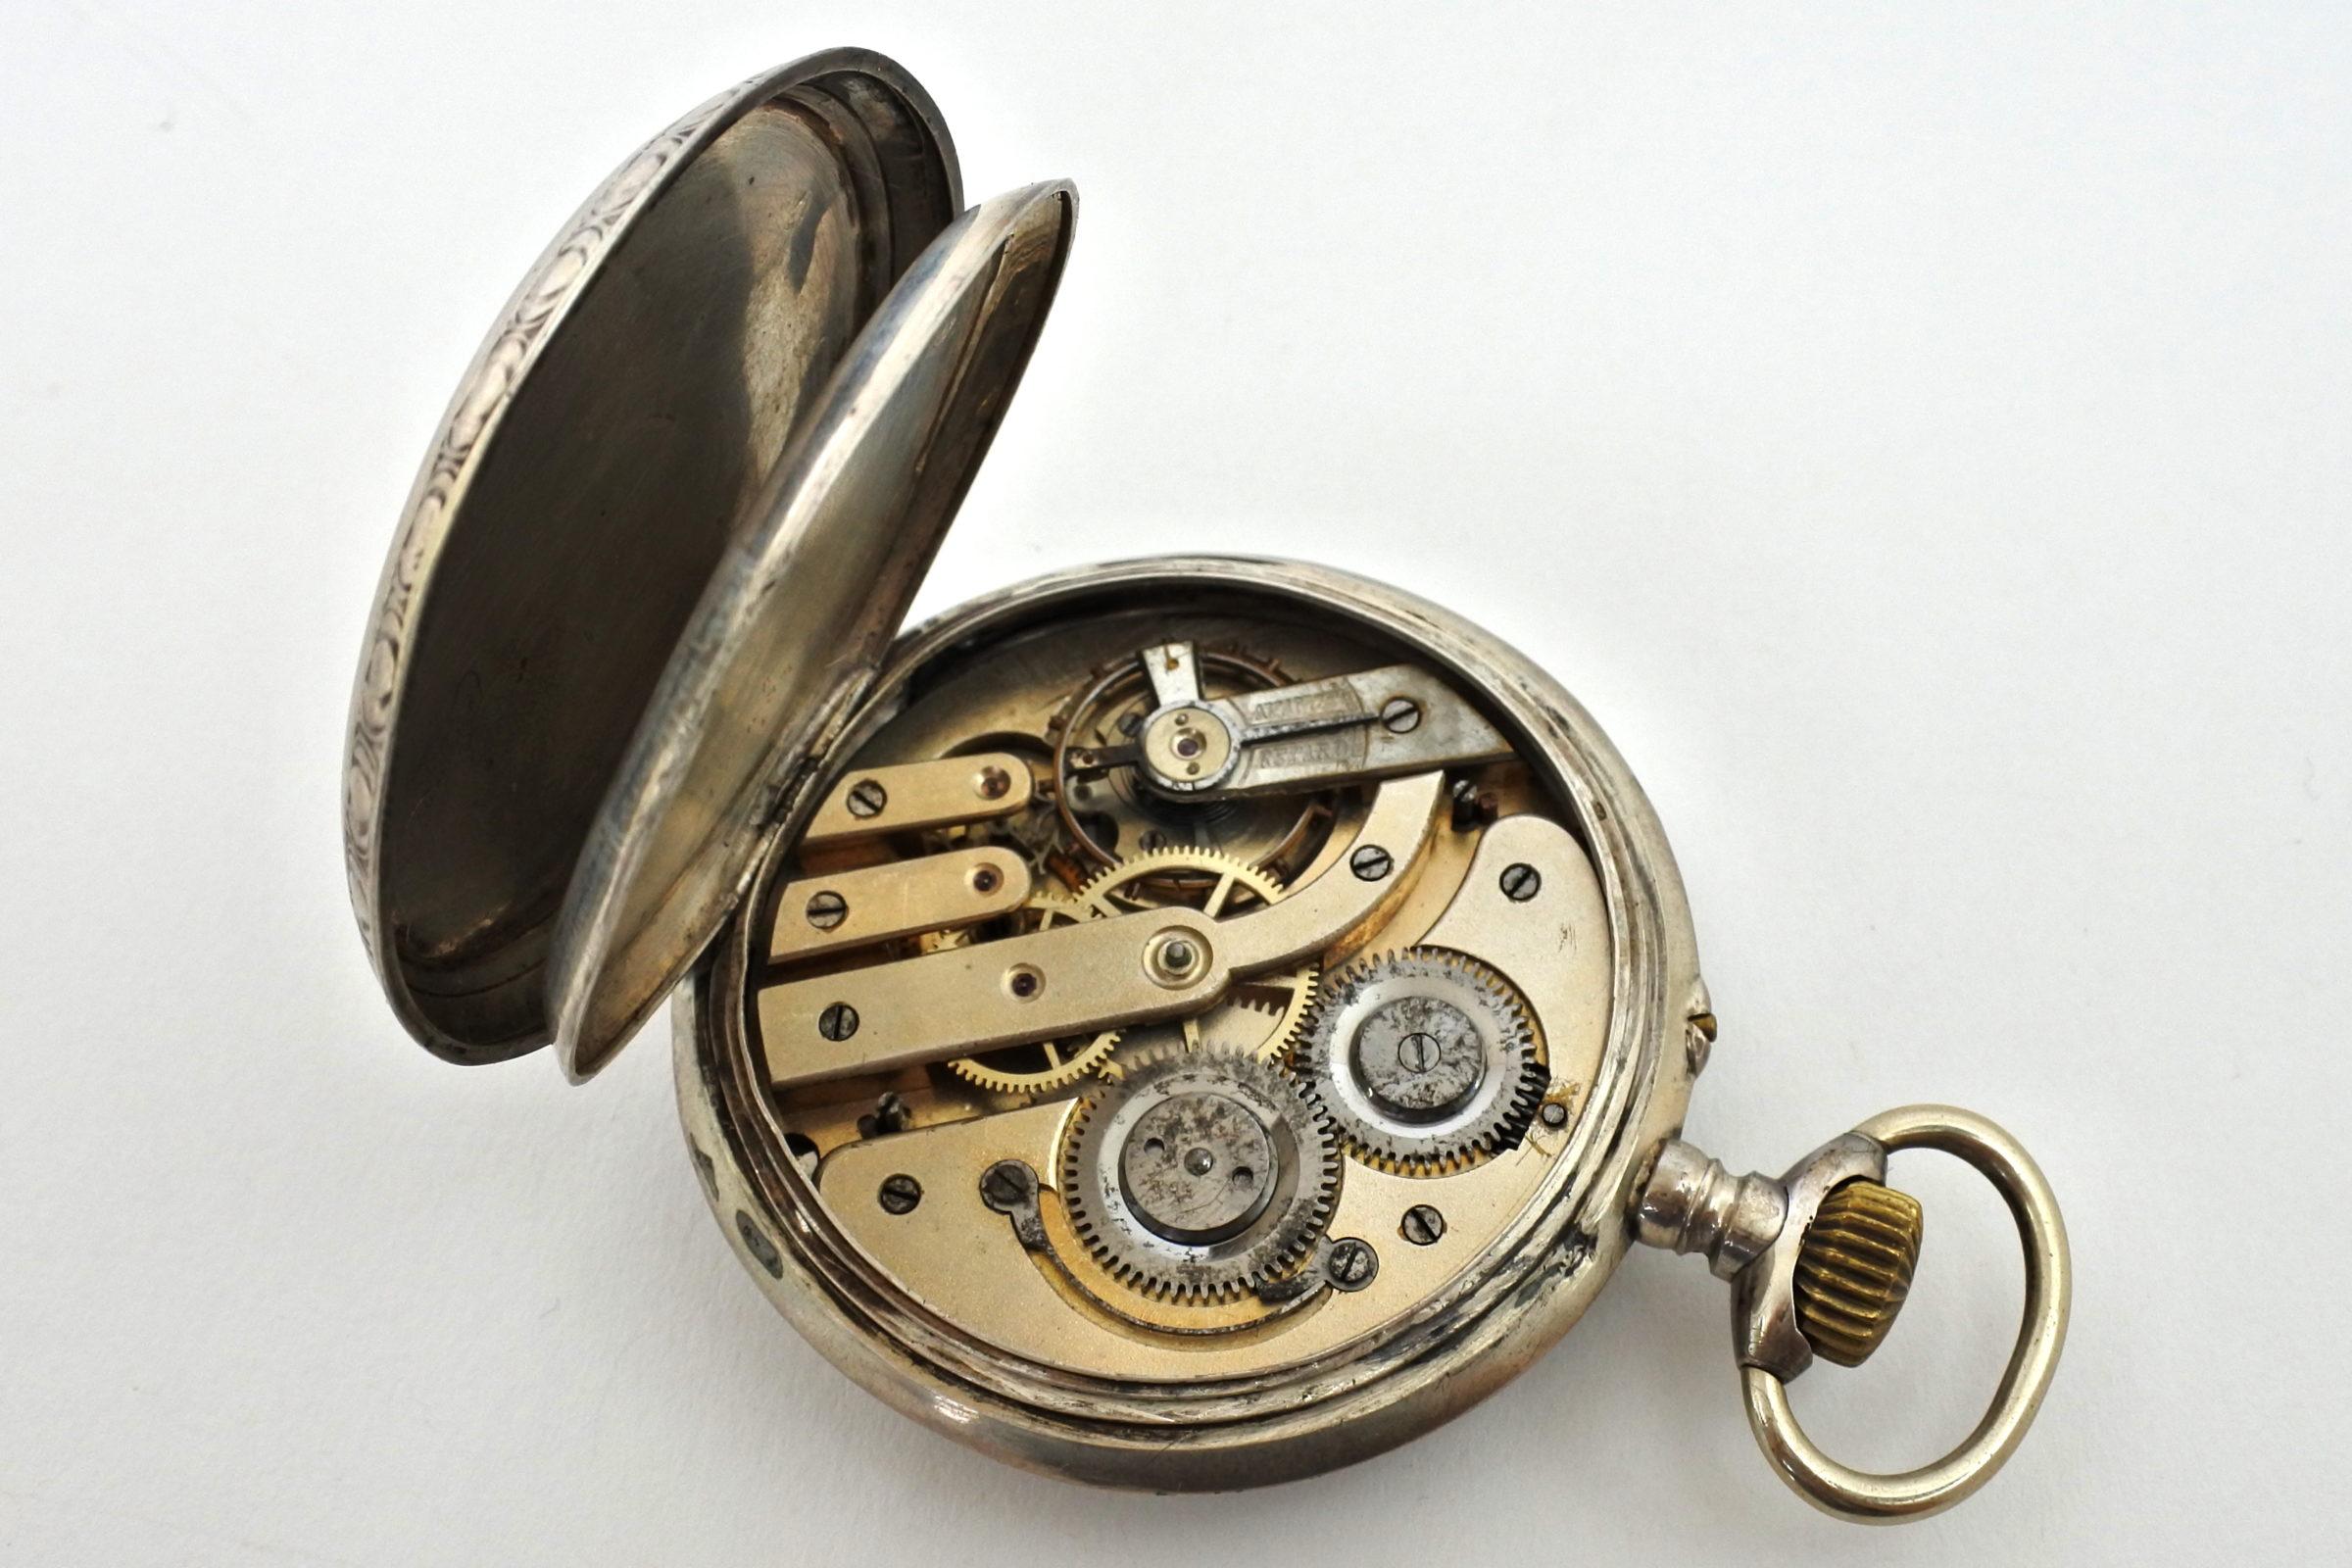 Orologio da tasca in argento con treno su quadrante - 3